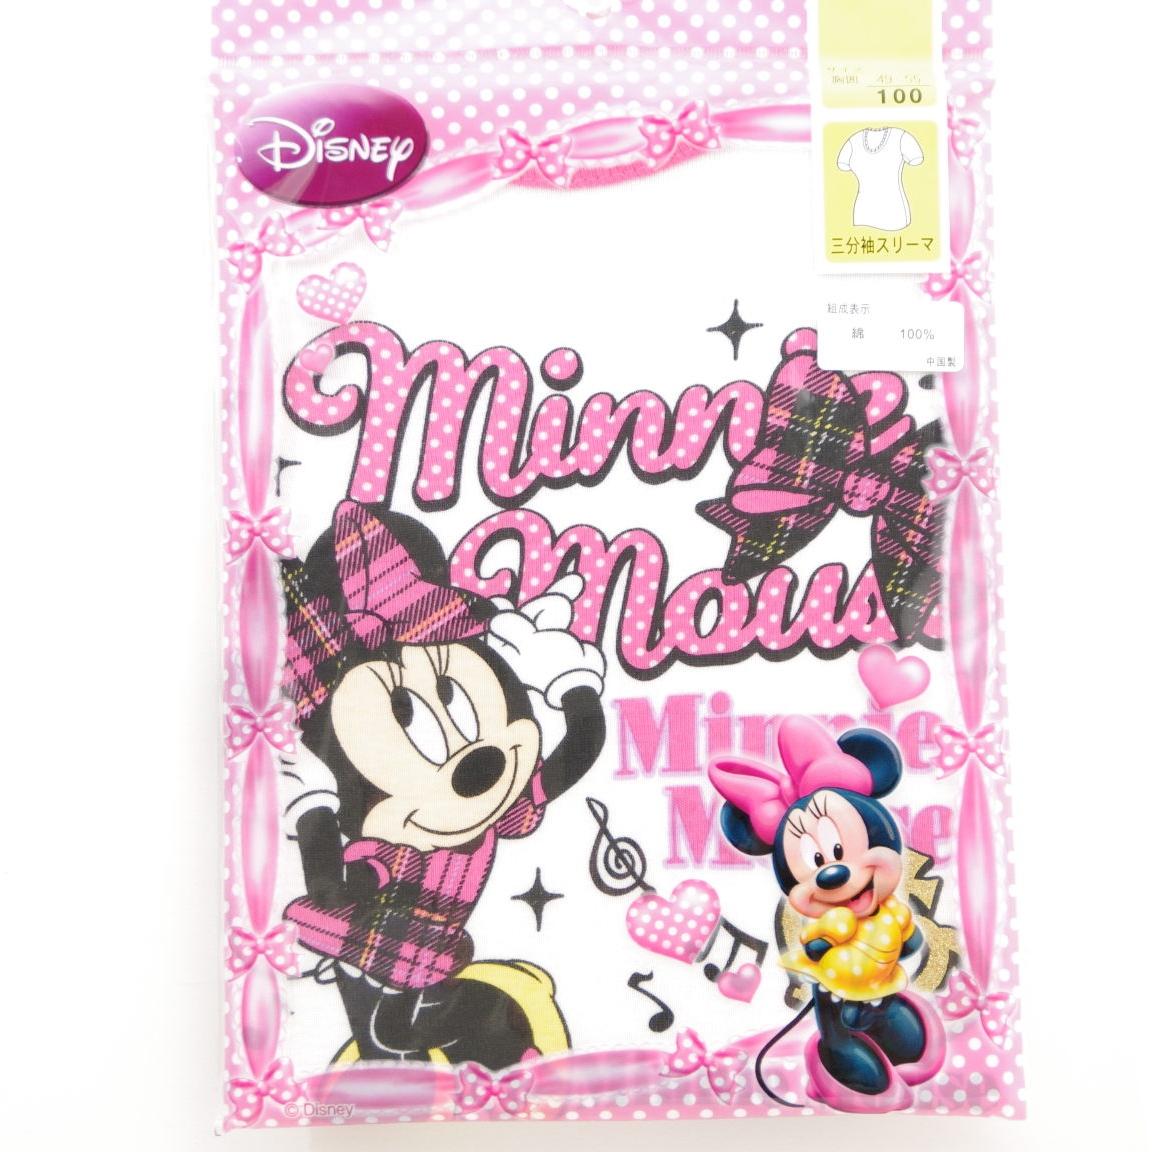 ディズニー!MinnieMouseミニーちゃんの三分袖スリーマ100、110cm(R5452-10G)